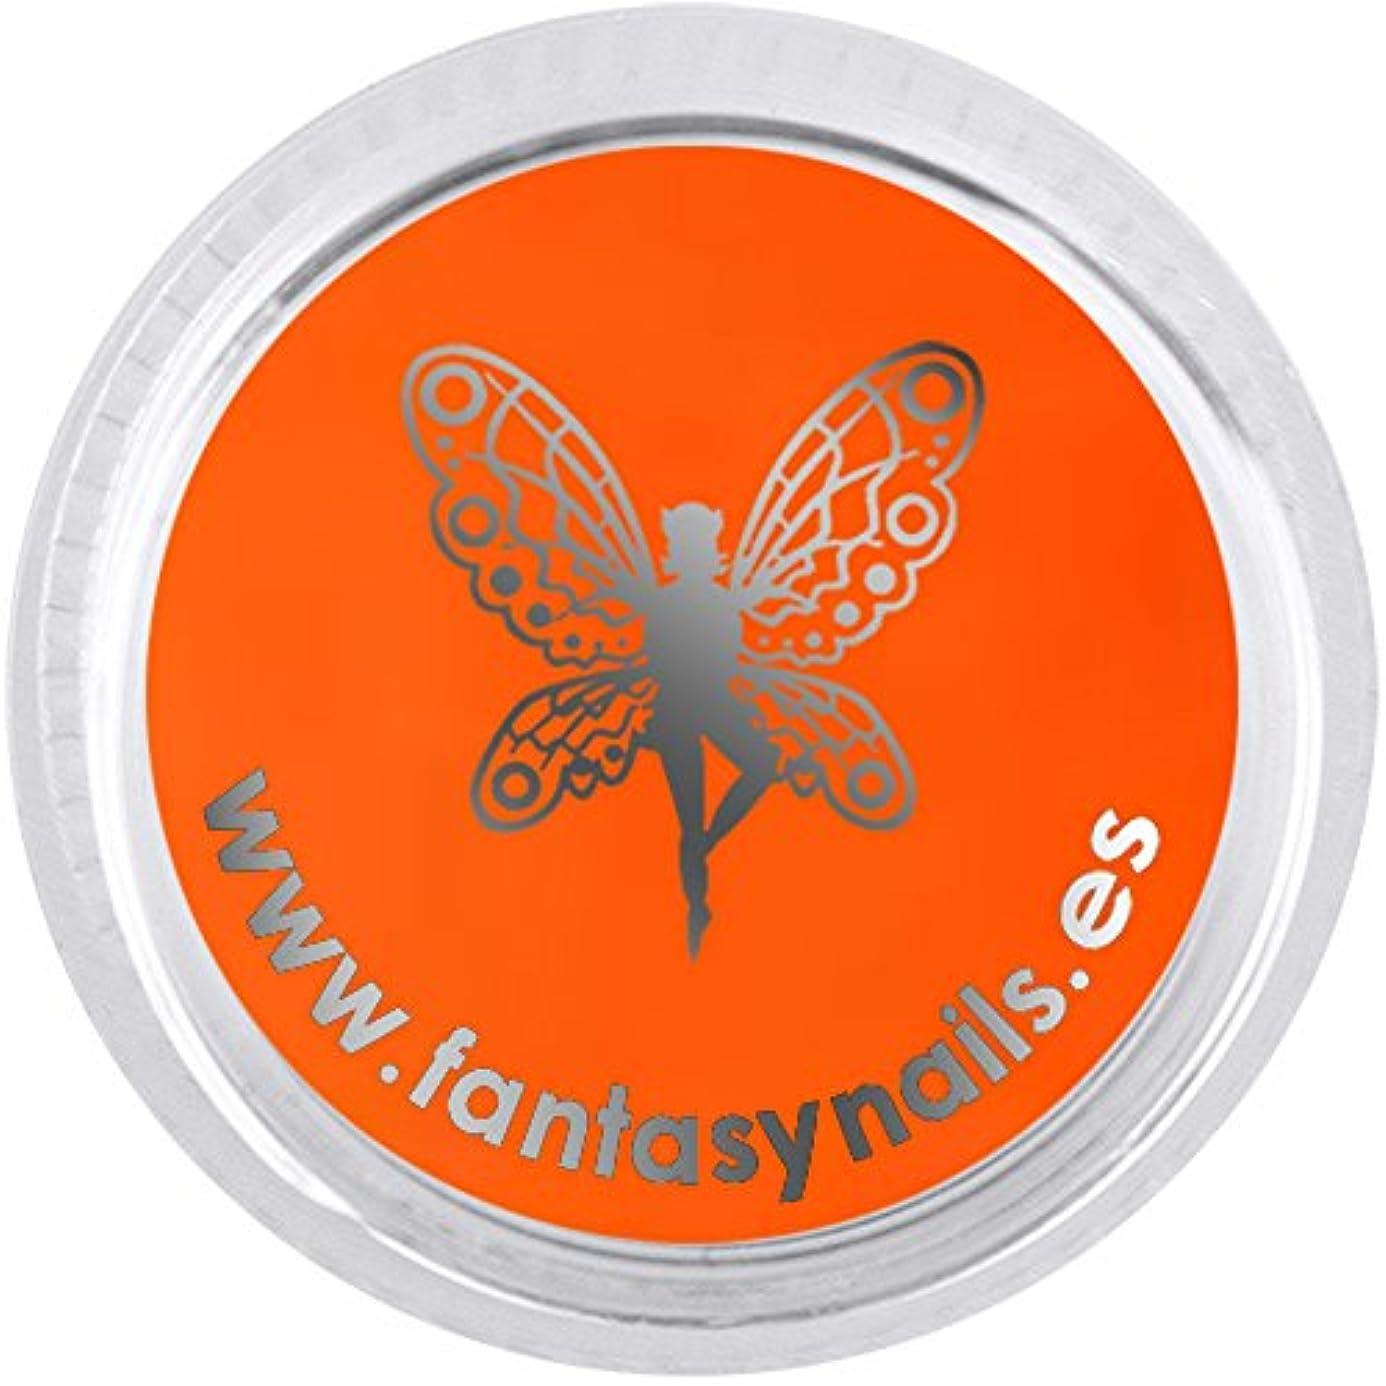 考えるポップ印象的FANTASY NAIL フラワーコレクション 3g 4754XS カラーパウダー アート材